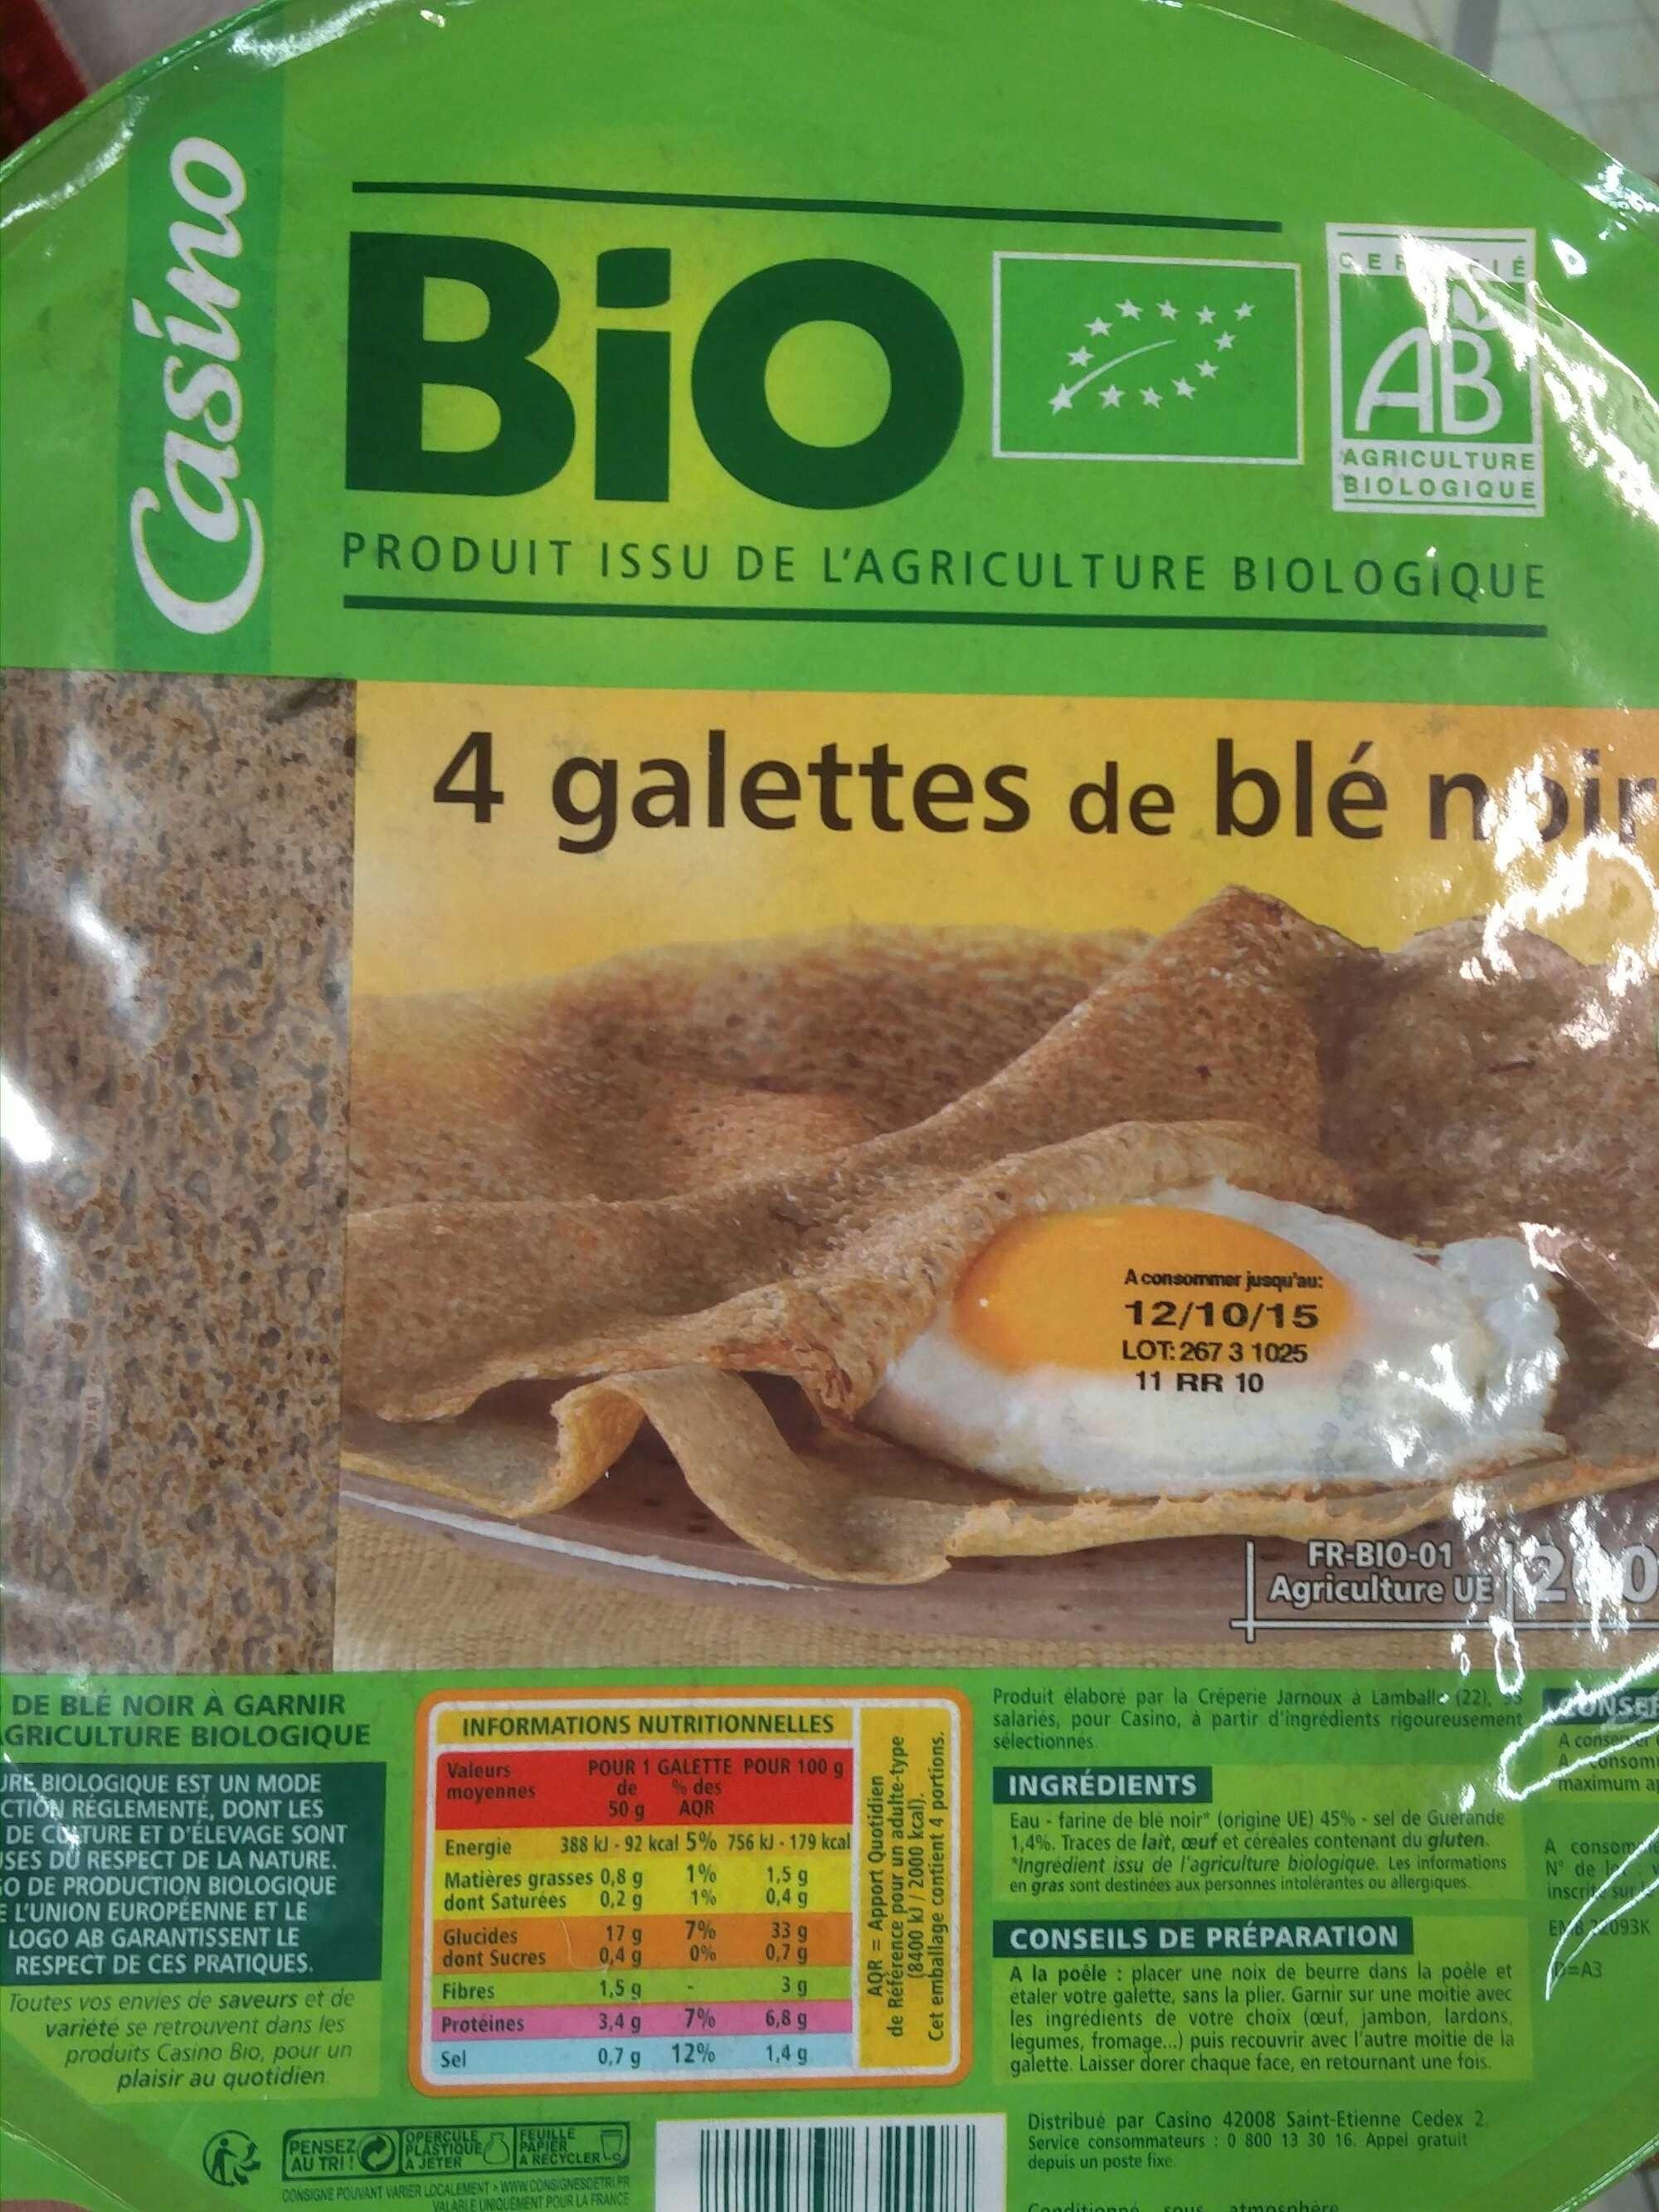 Galettes de blé noir - Product